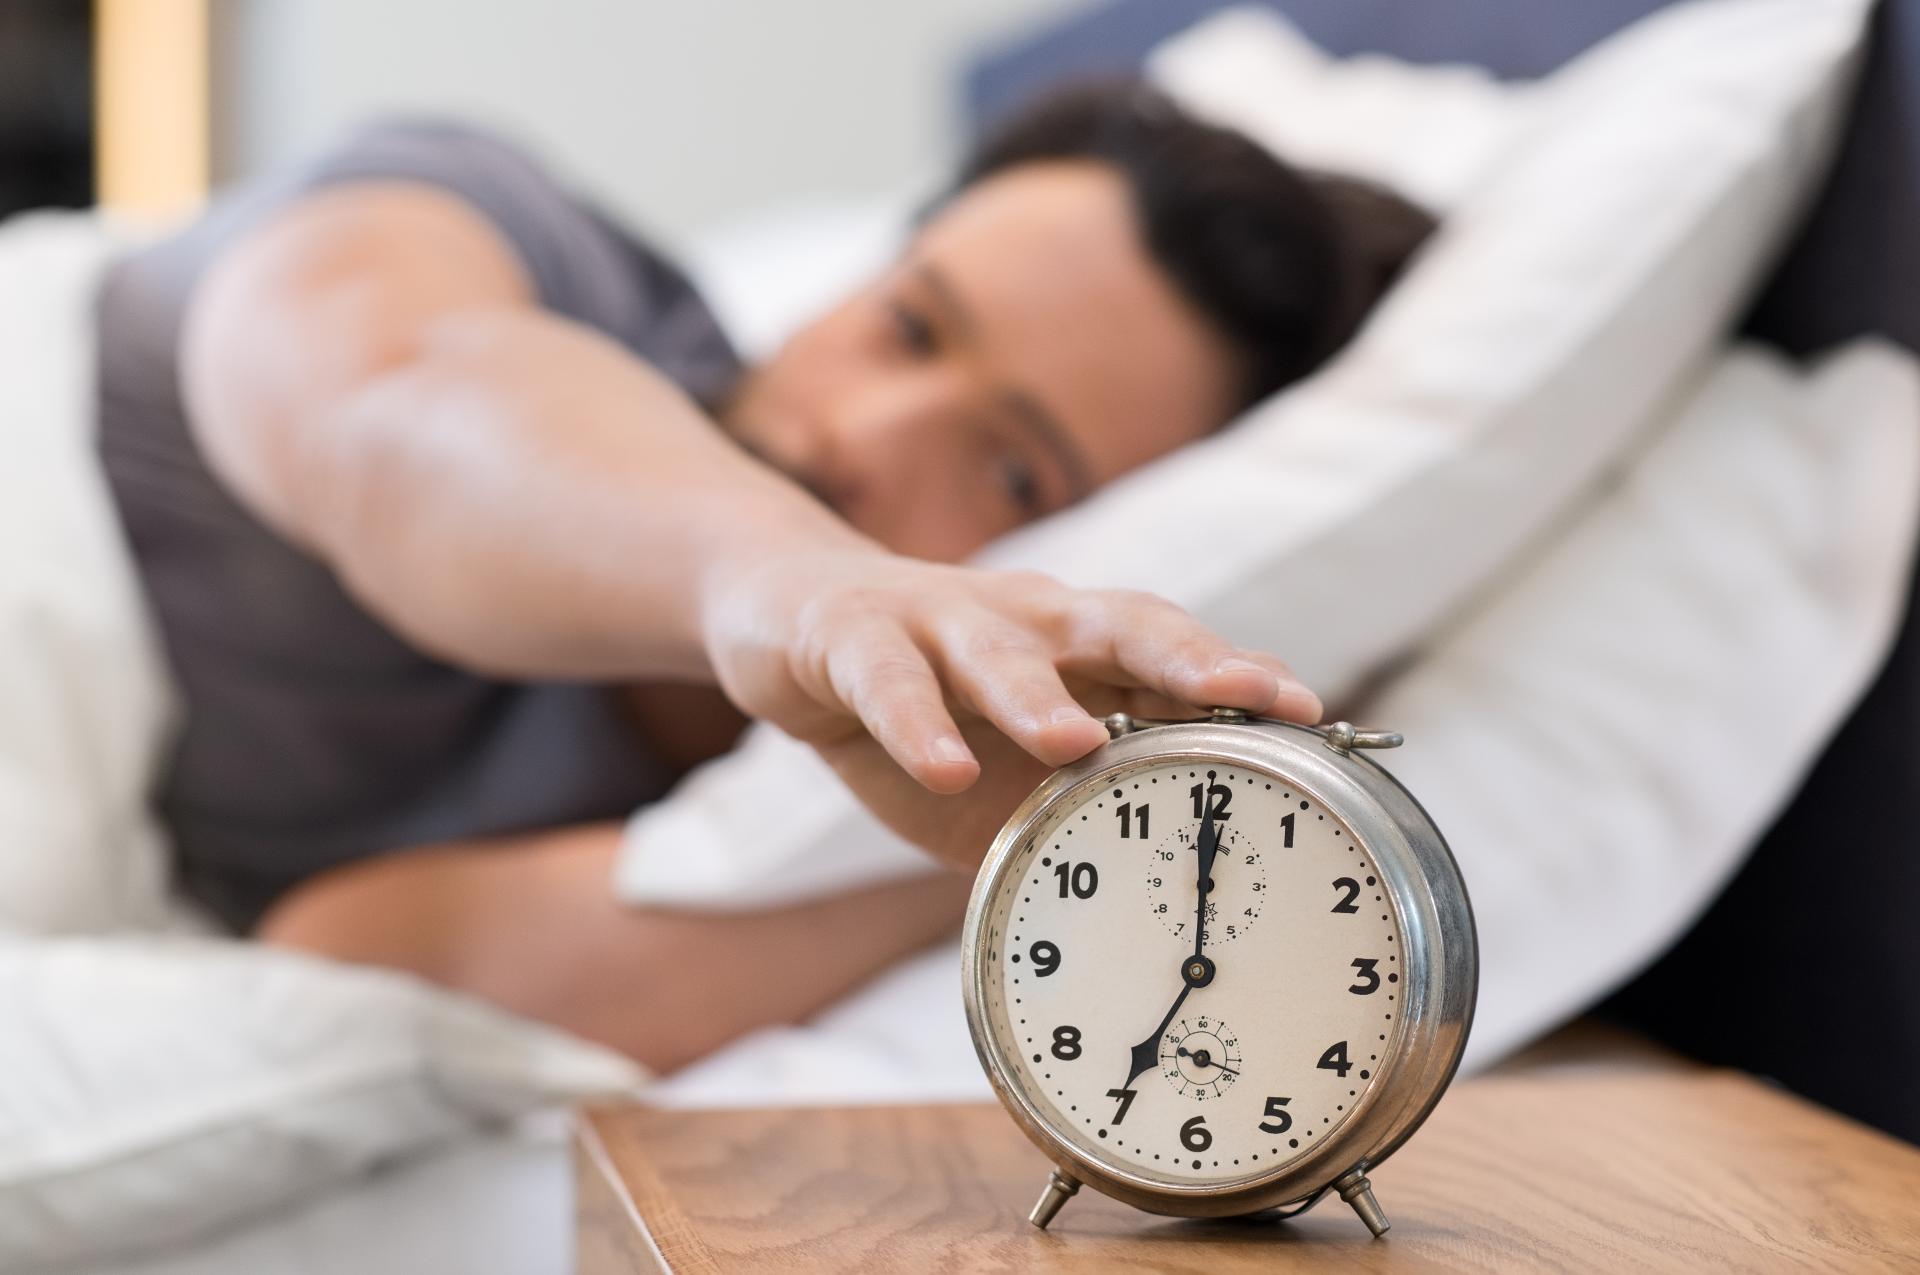 maenner-schlafen-durchschnittlich-weniger-als-frauen-